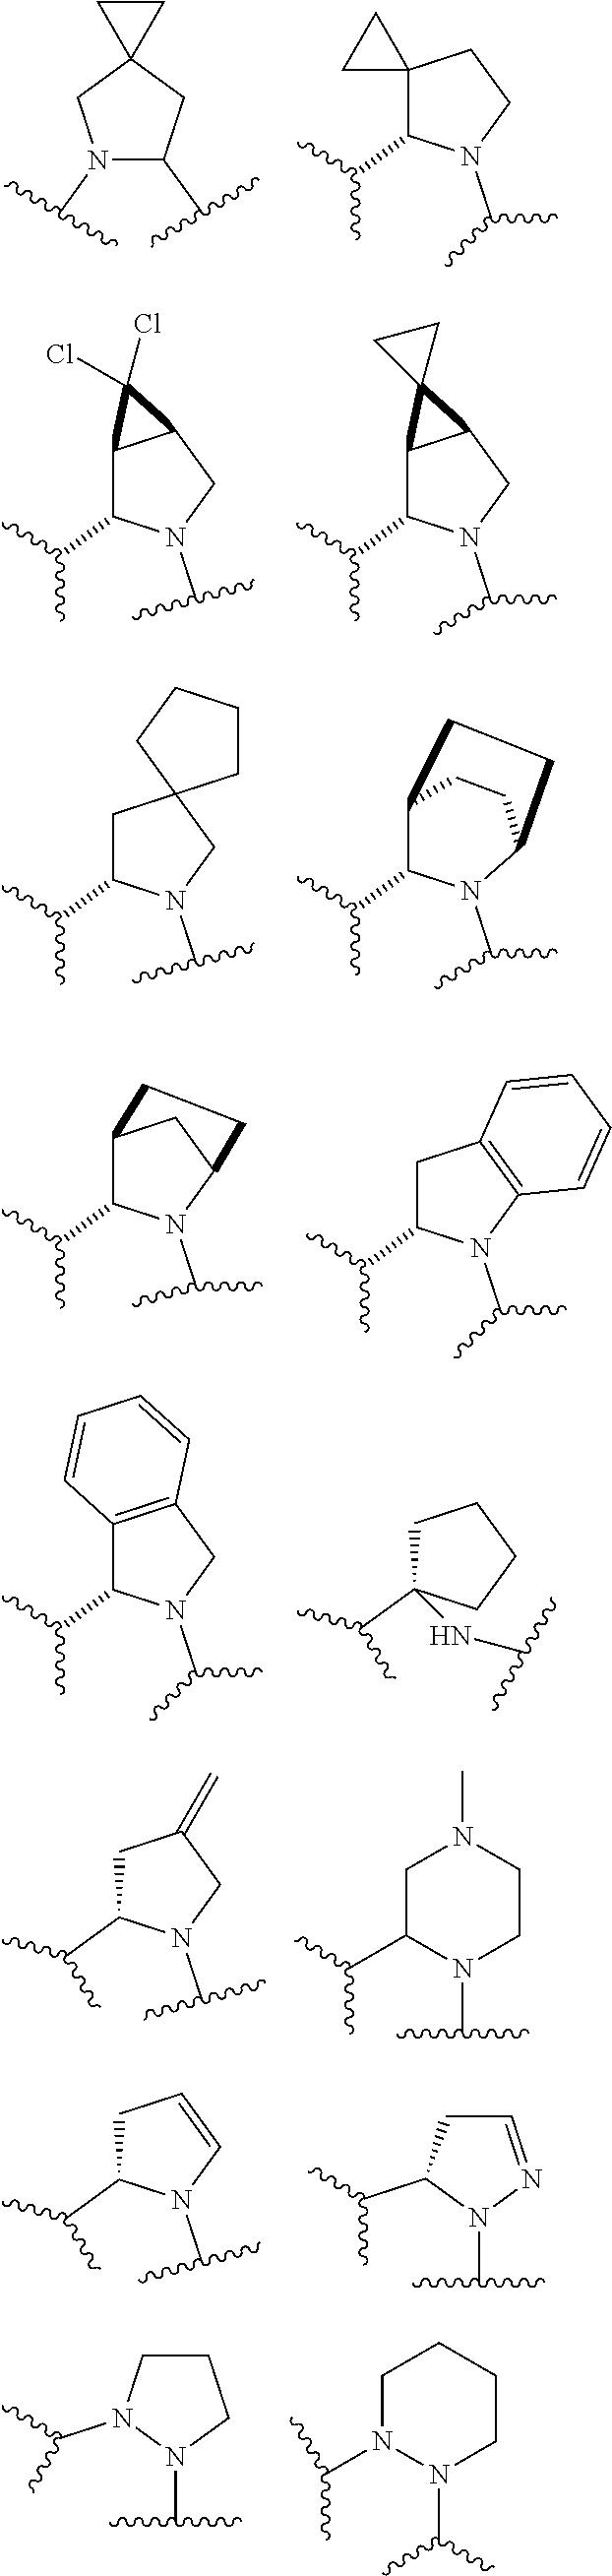 Figure US08841278-20140923-C00341